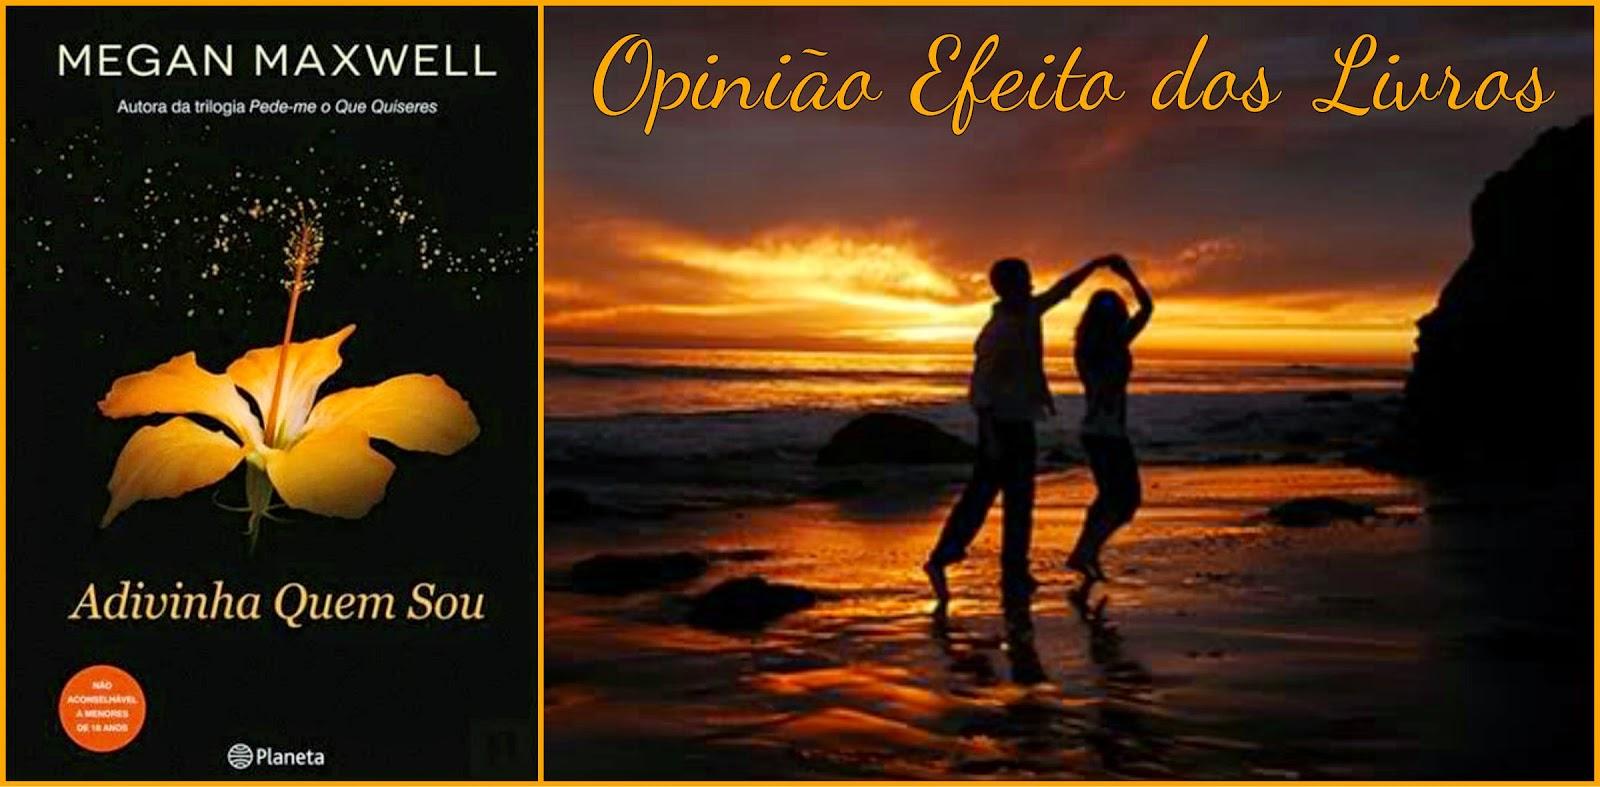 http://efeitodoslivros.blogspot.pt/2015/01/opiniao-adivinha-quem-sou.html